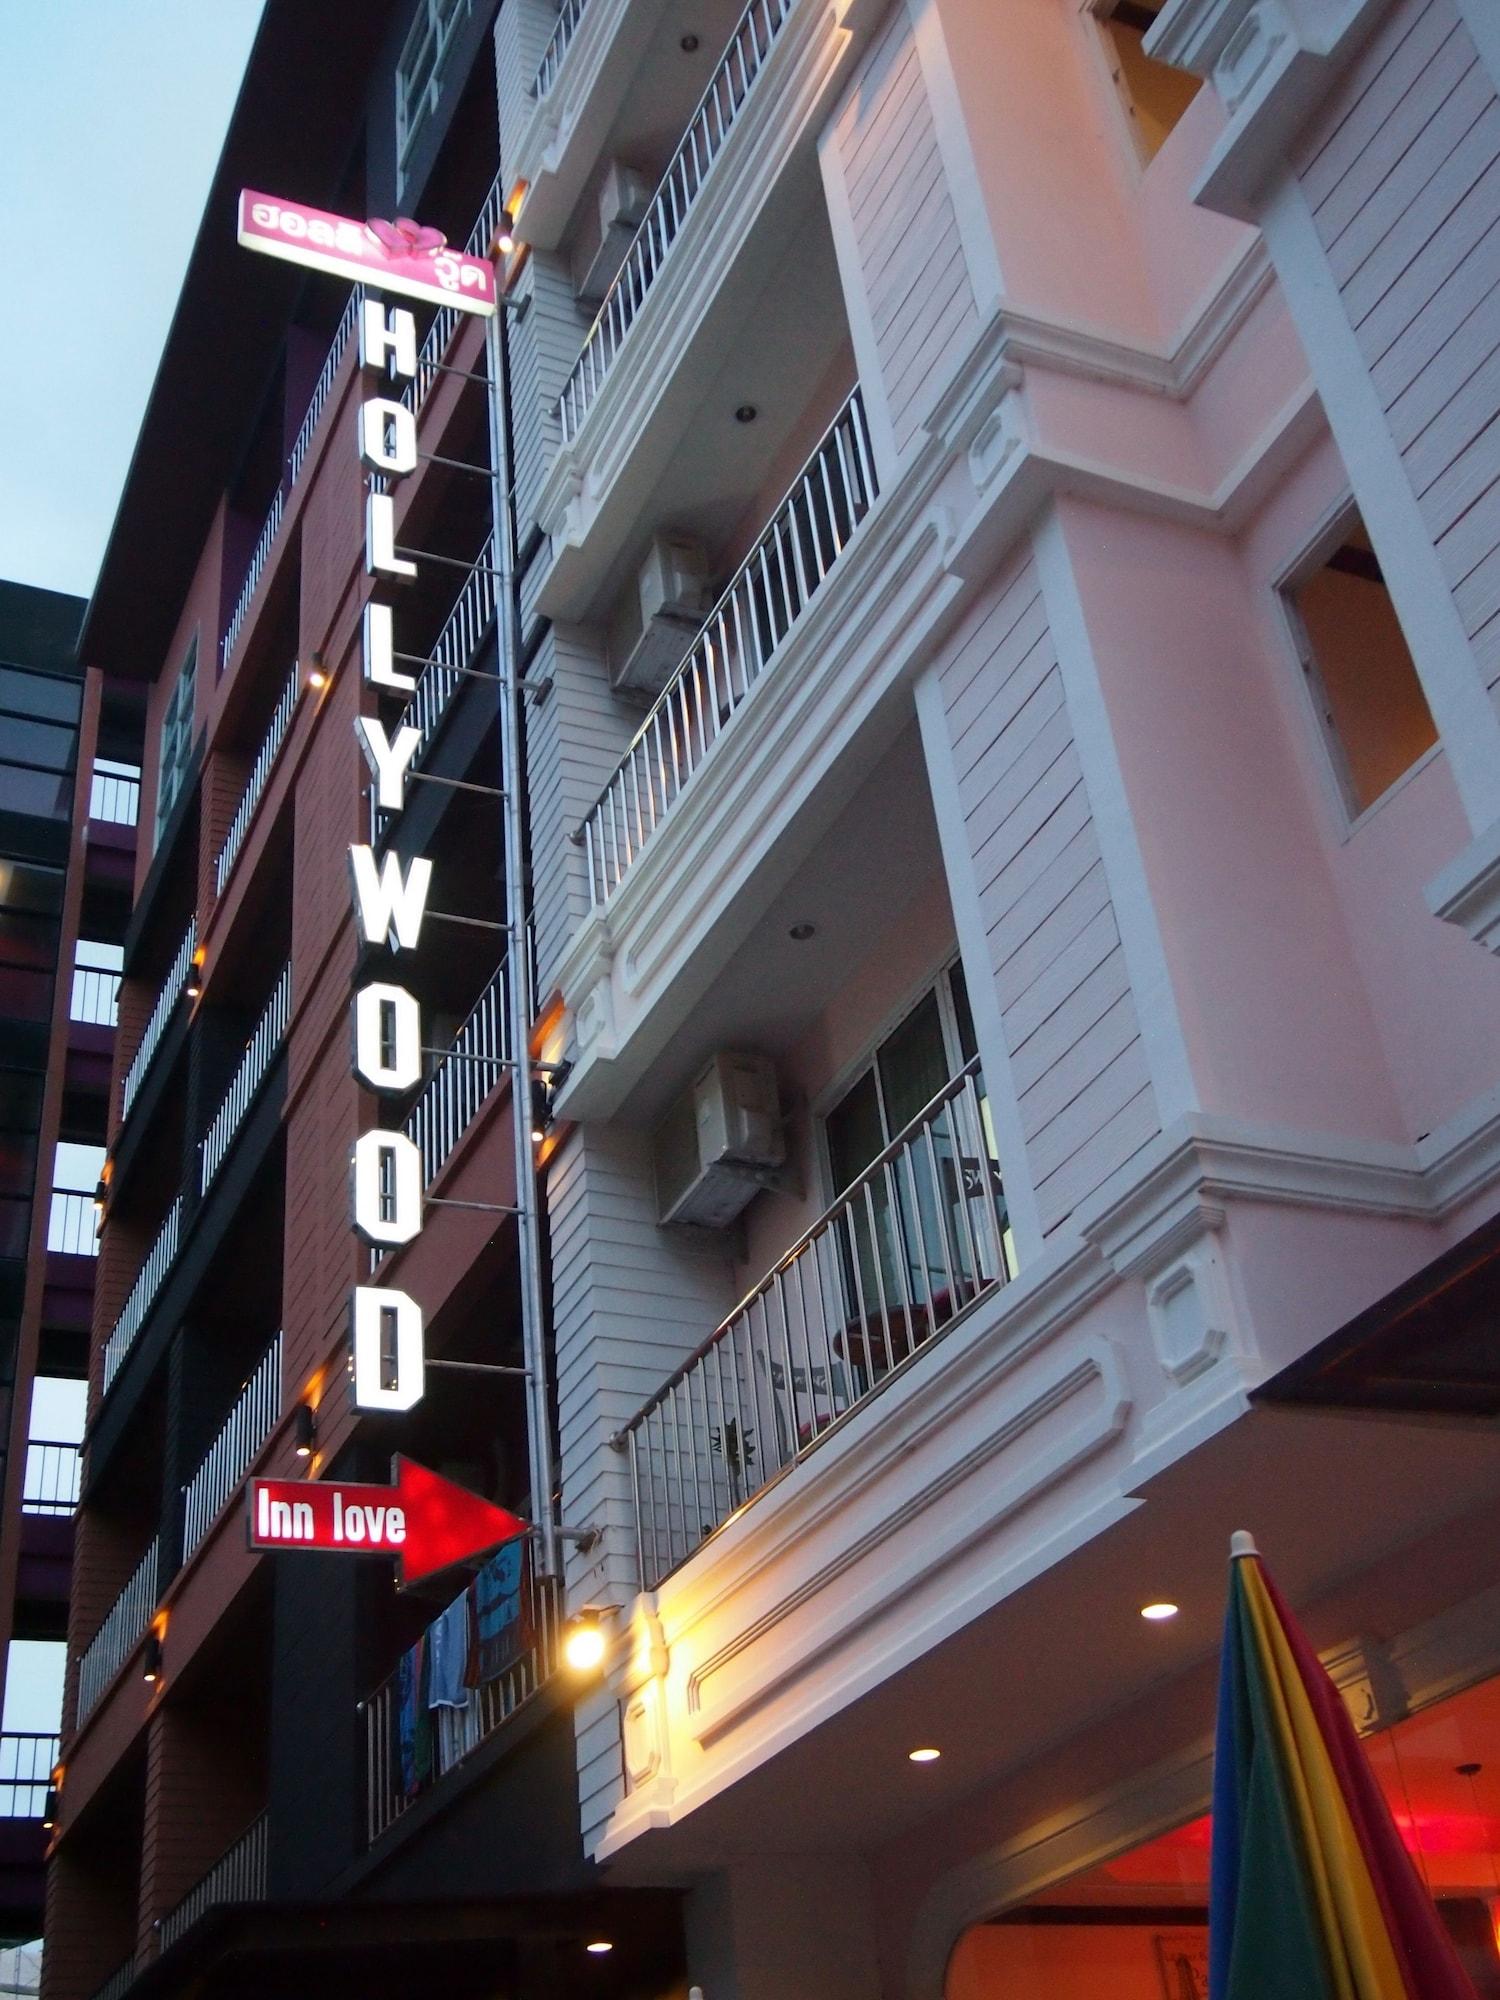 Hollywood Inn Love, Pulau Phuket